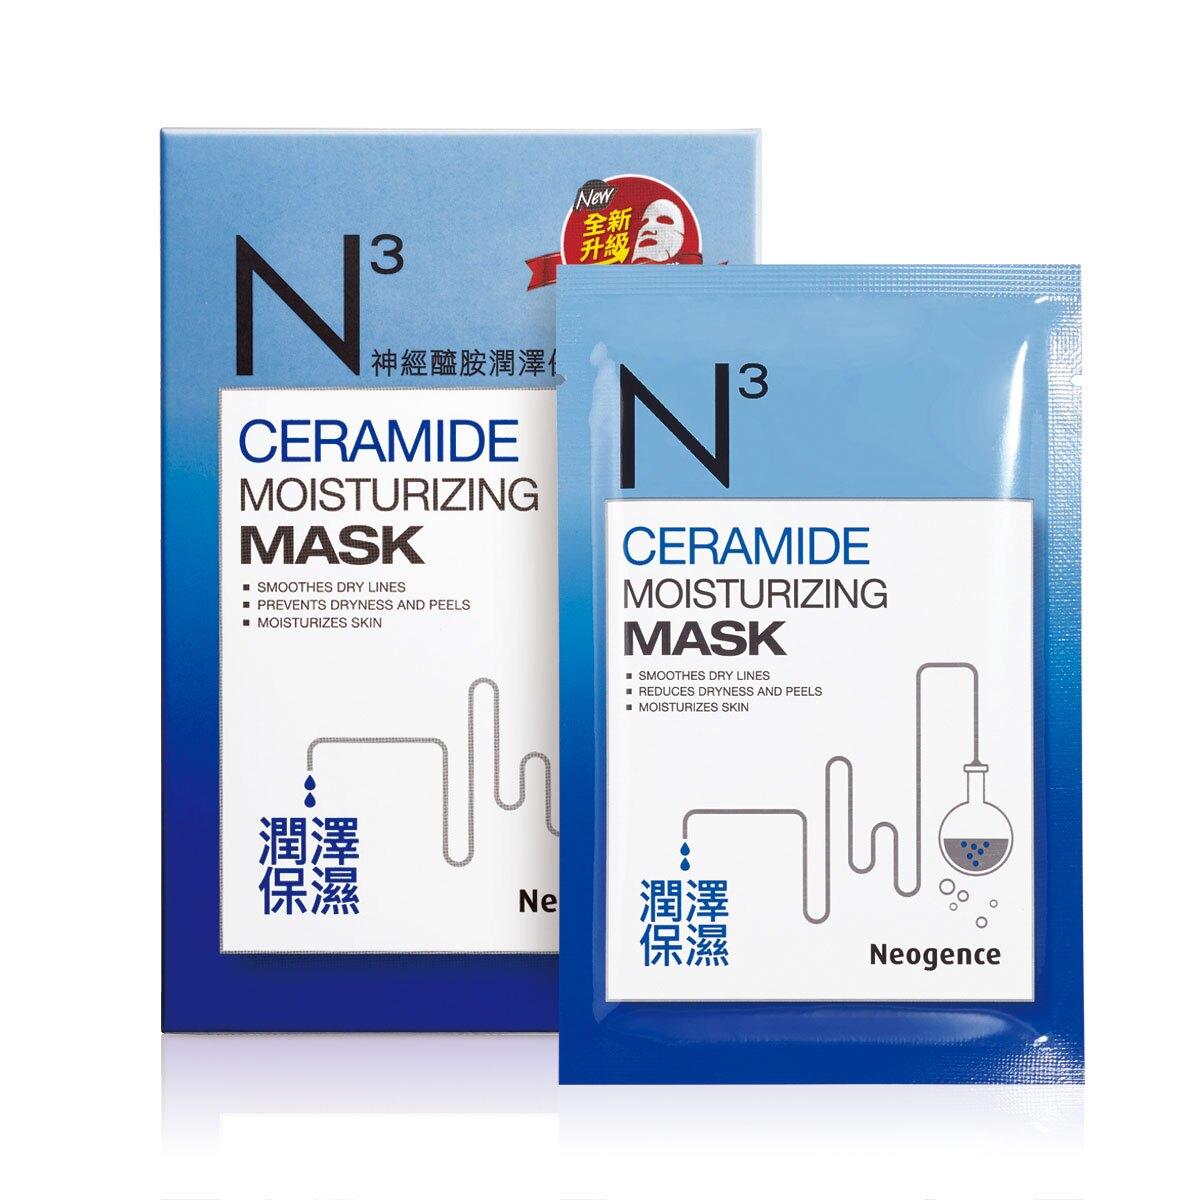 セラミドモイスチャリングフェイスマスク 6枚入り パック 保湿 乾燥ケア【Neogence】